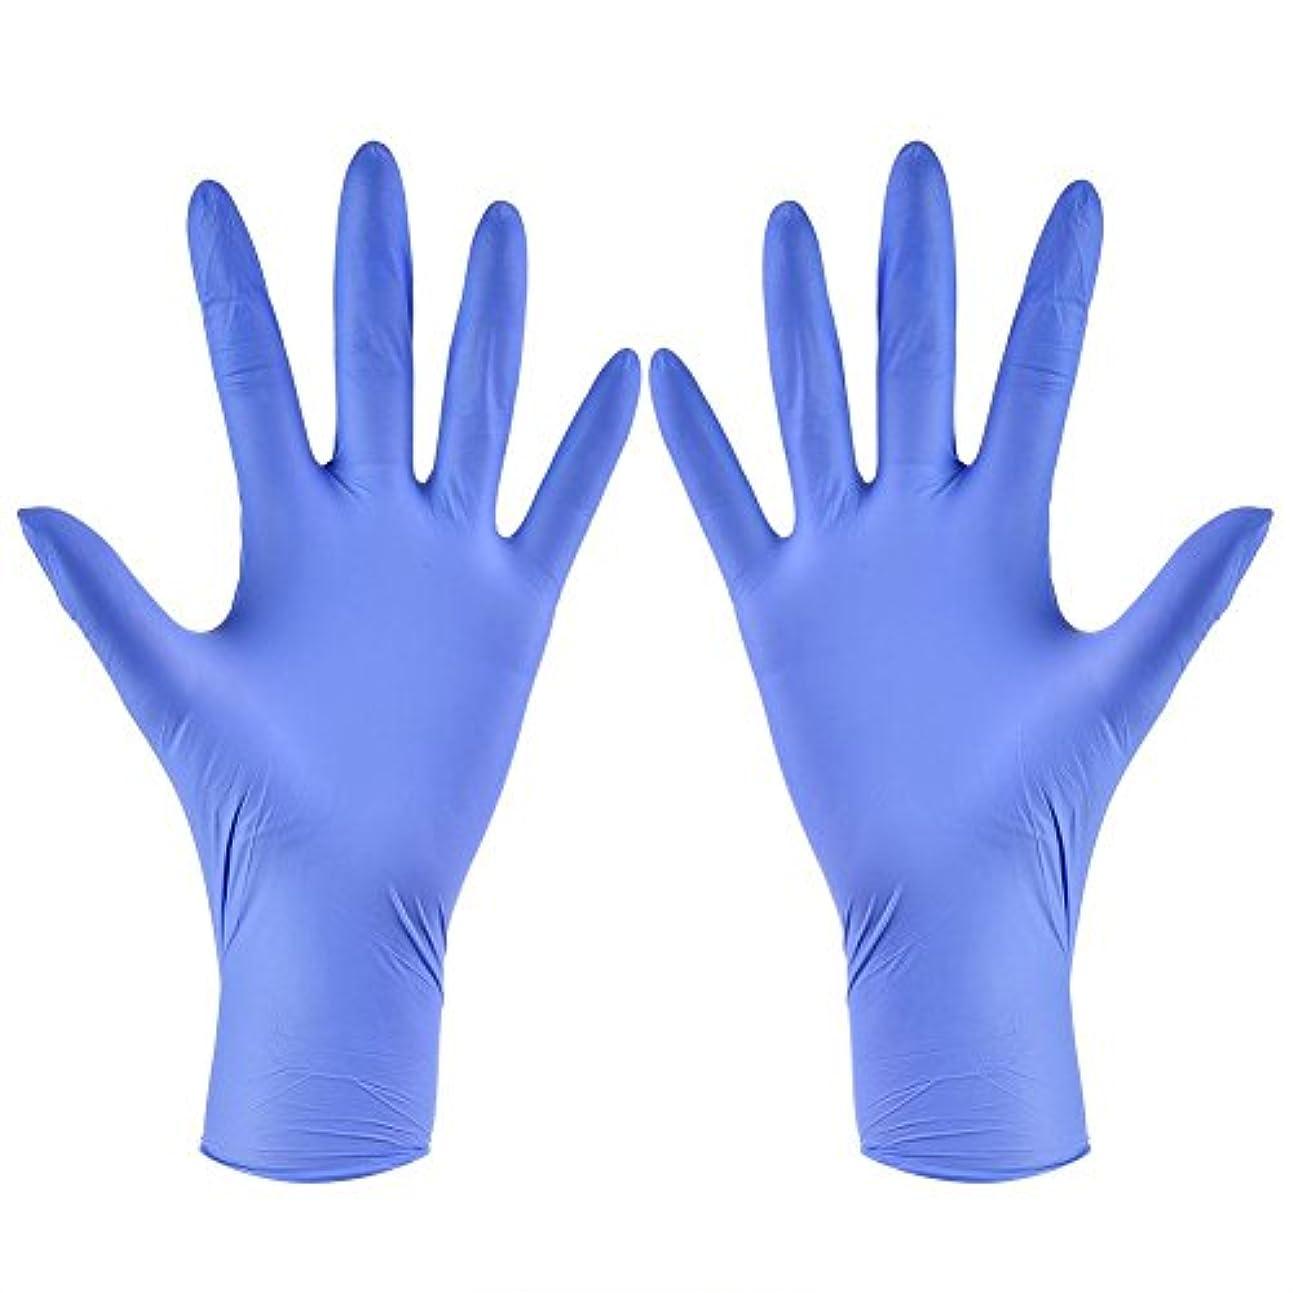 美しい暫定の伝染性の使い捨て手袋 ニトリルグローブ ホワイト 粉なし タトゥー/歯科/病院/研究室に適応 S/M/L/XL選択可 100枚 左右兼用(XL)